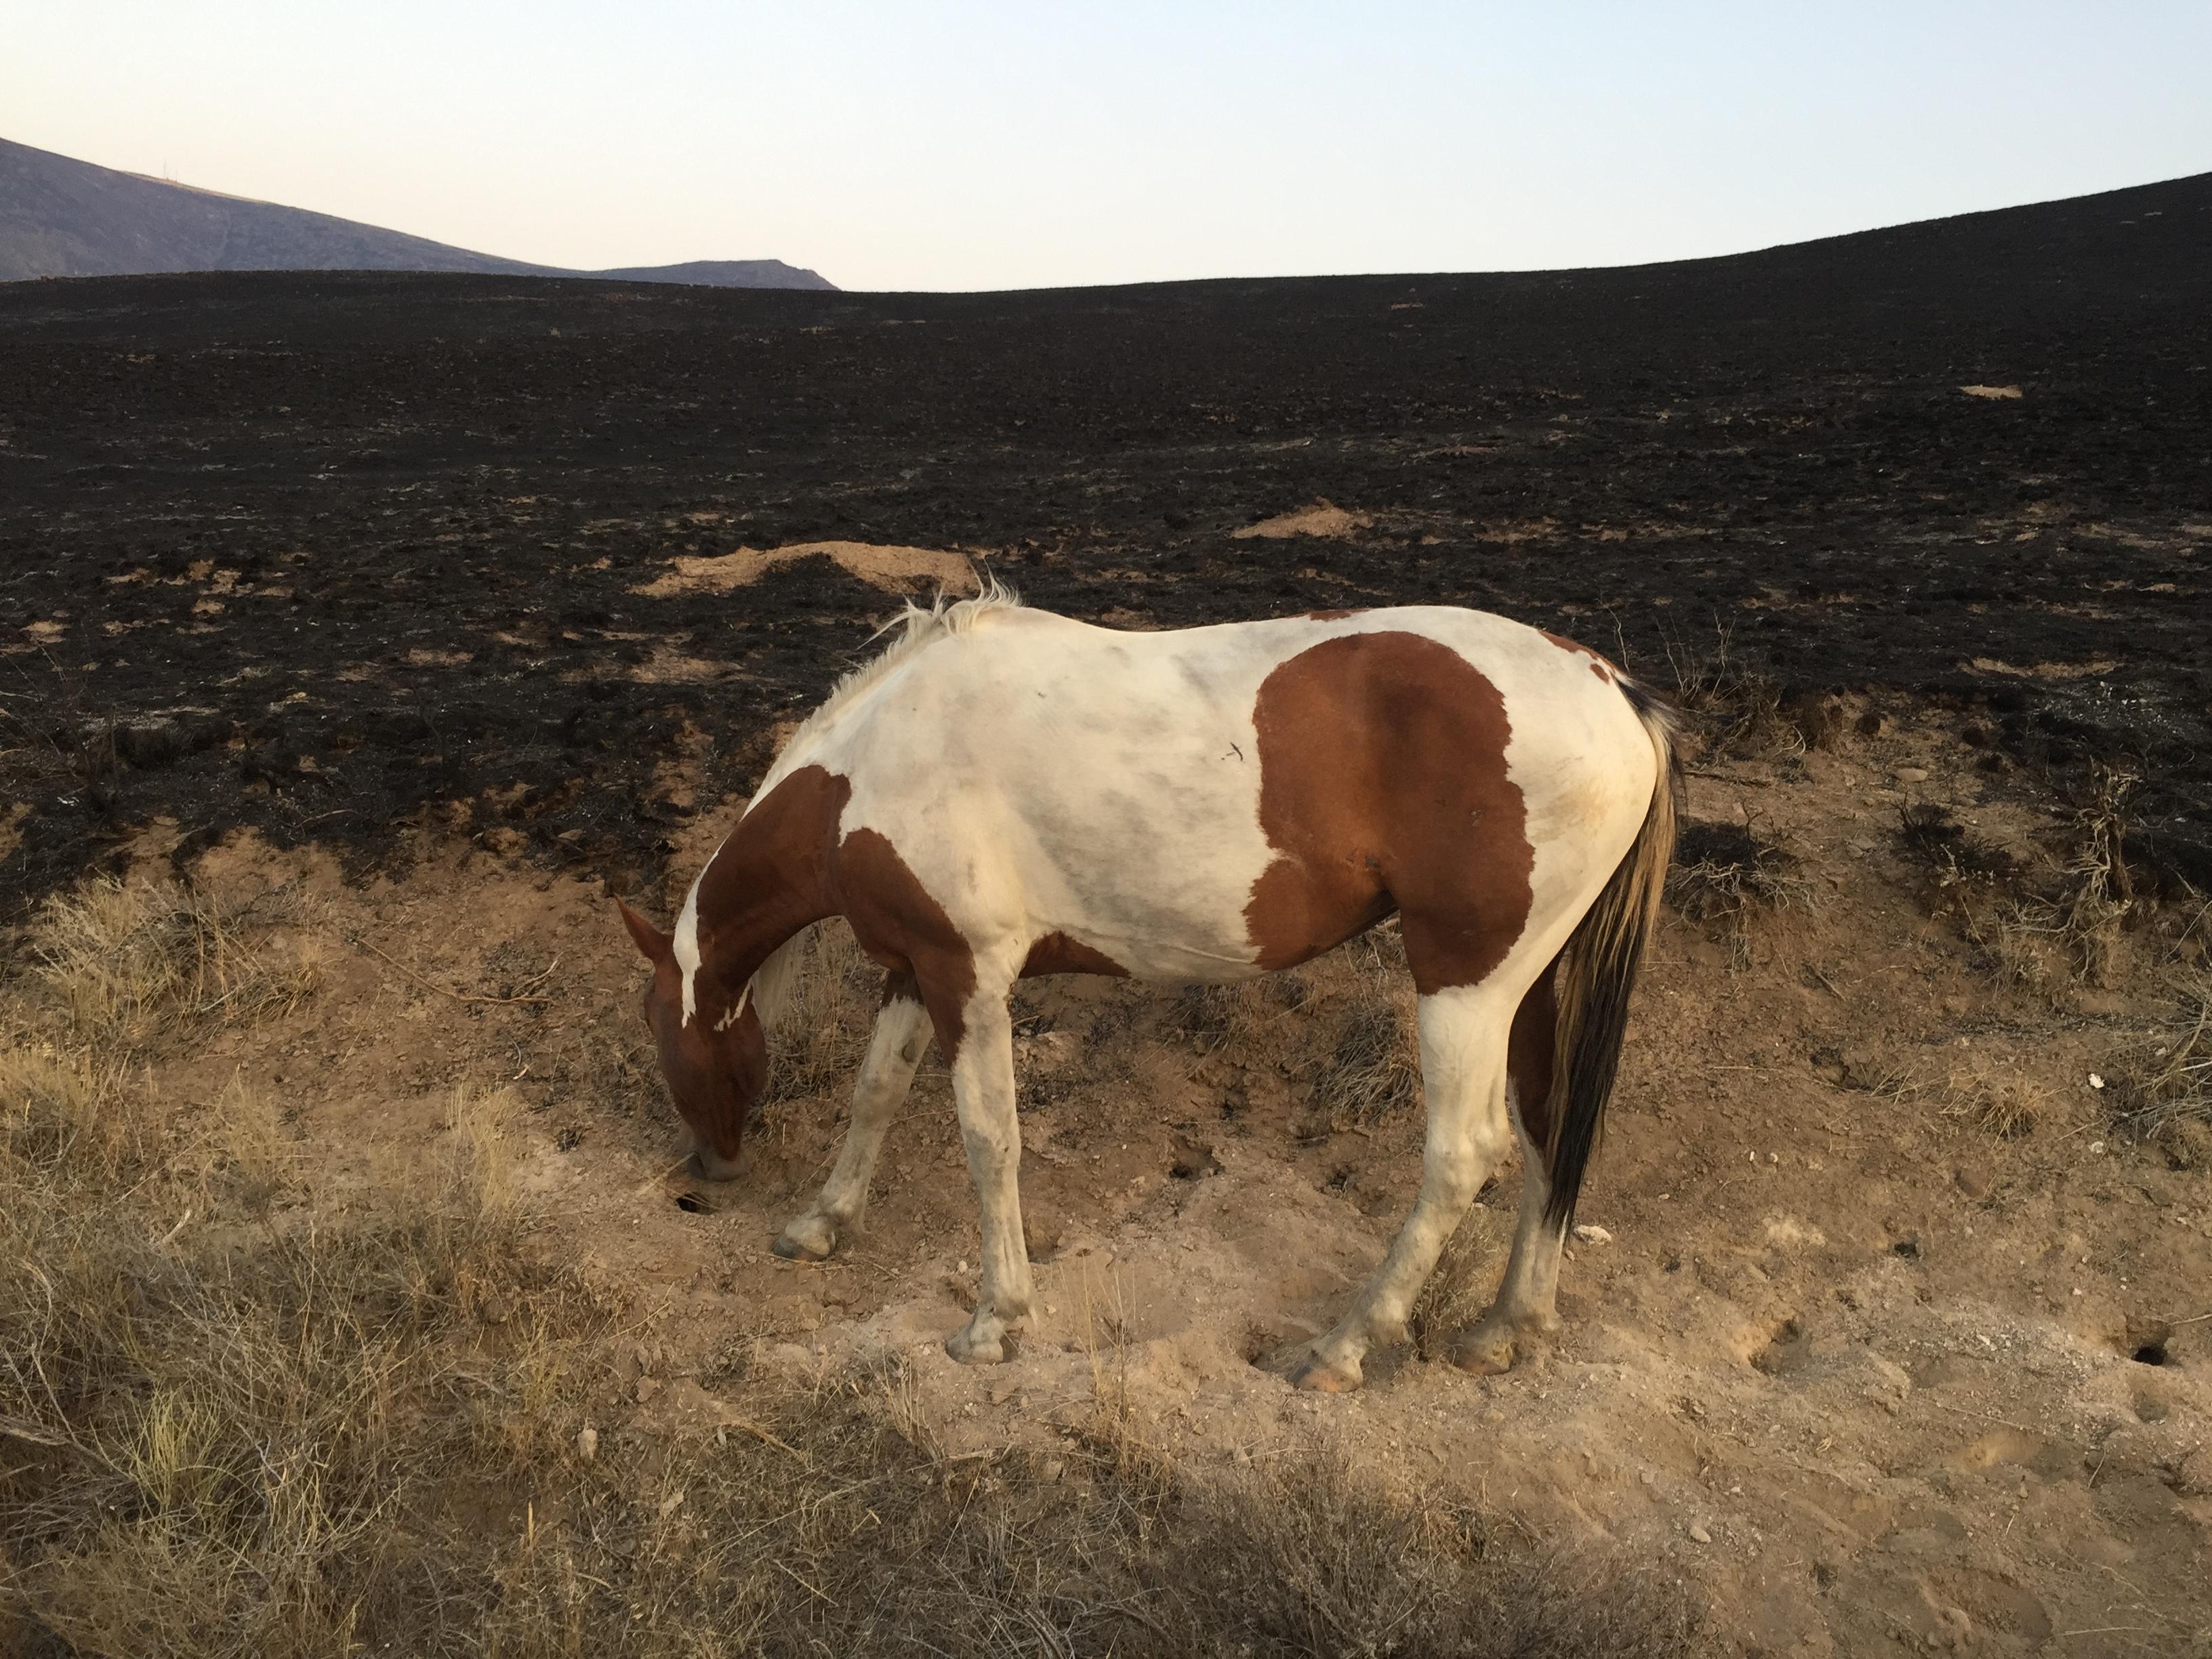 Horse standing on burned landscape